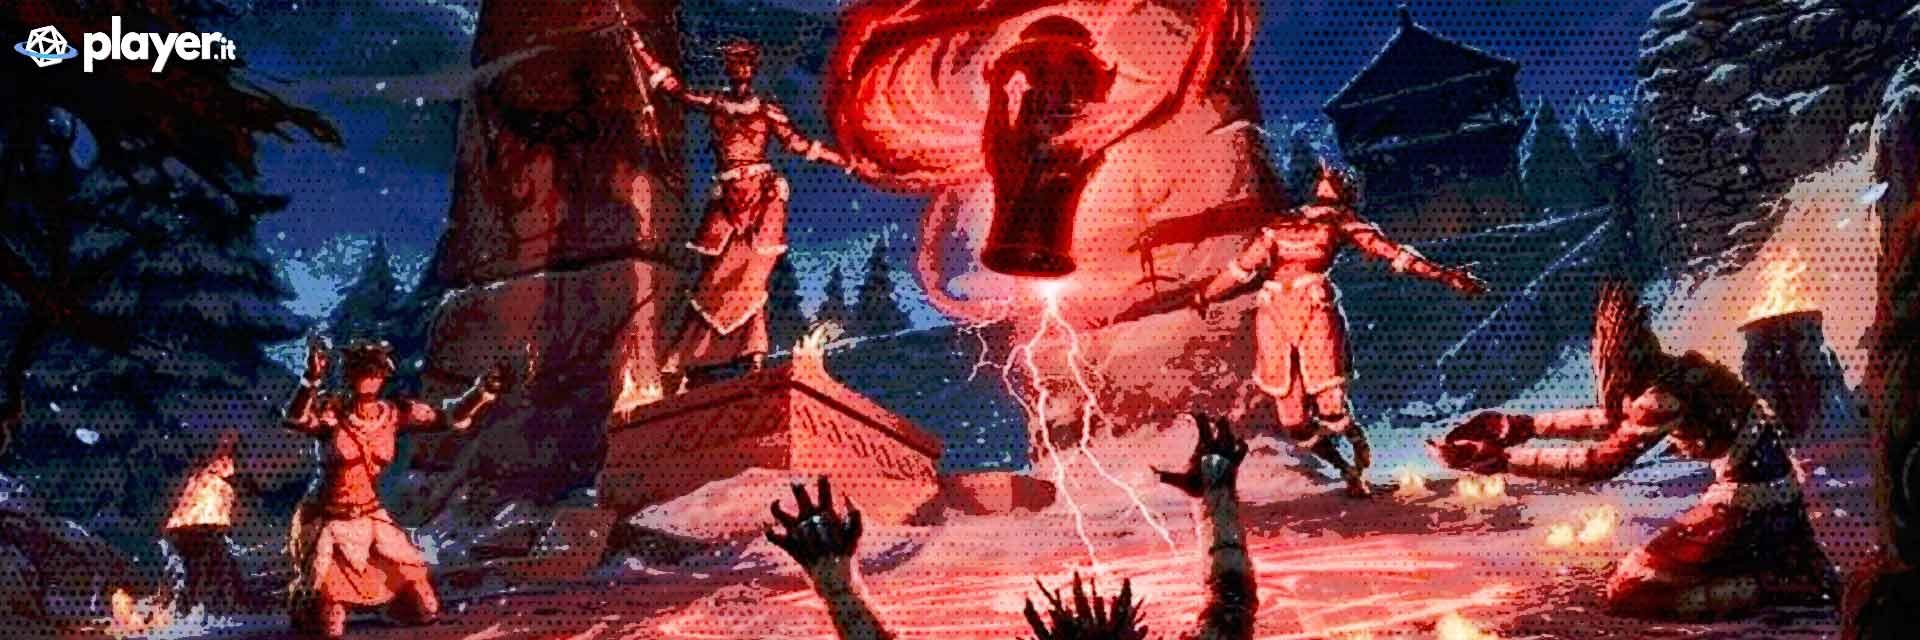 Harrowstorm wallpaper in hd